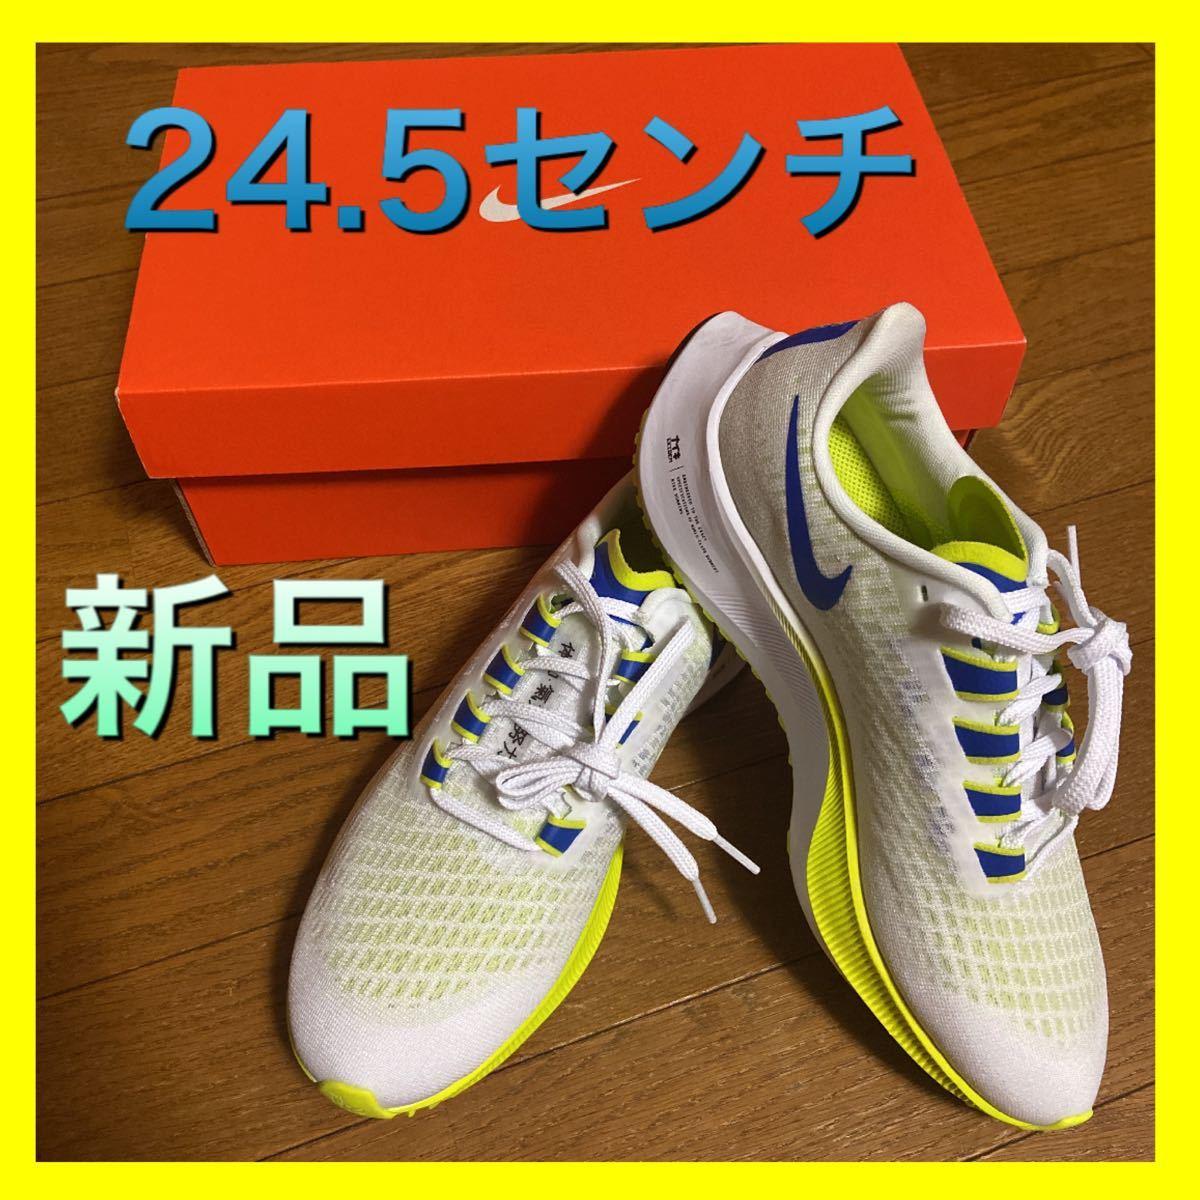 NIKE ズーム zoom PEGASUS 37 ランニング シューズ 24.5